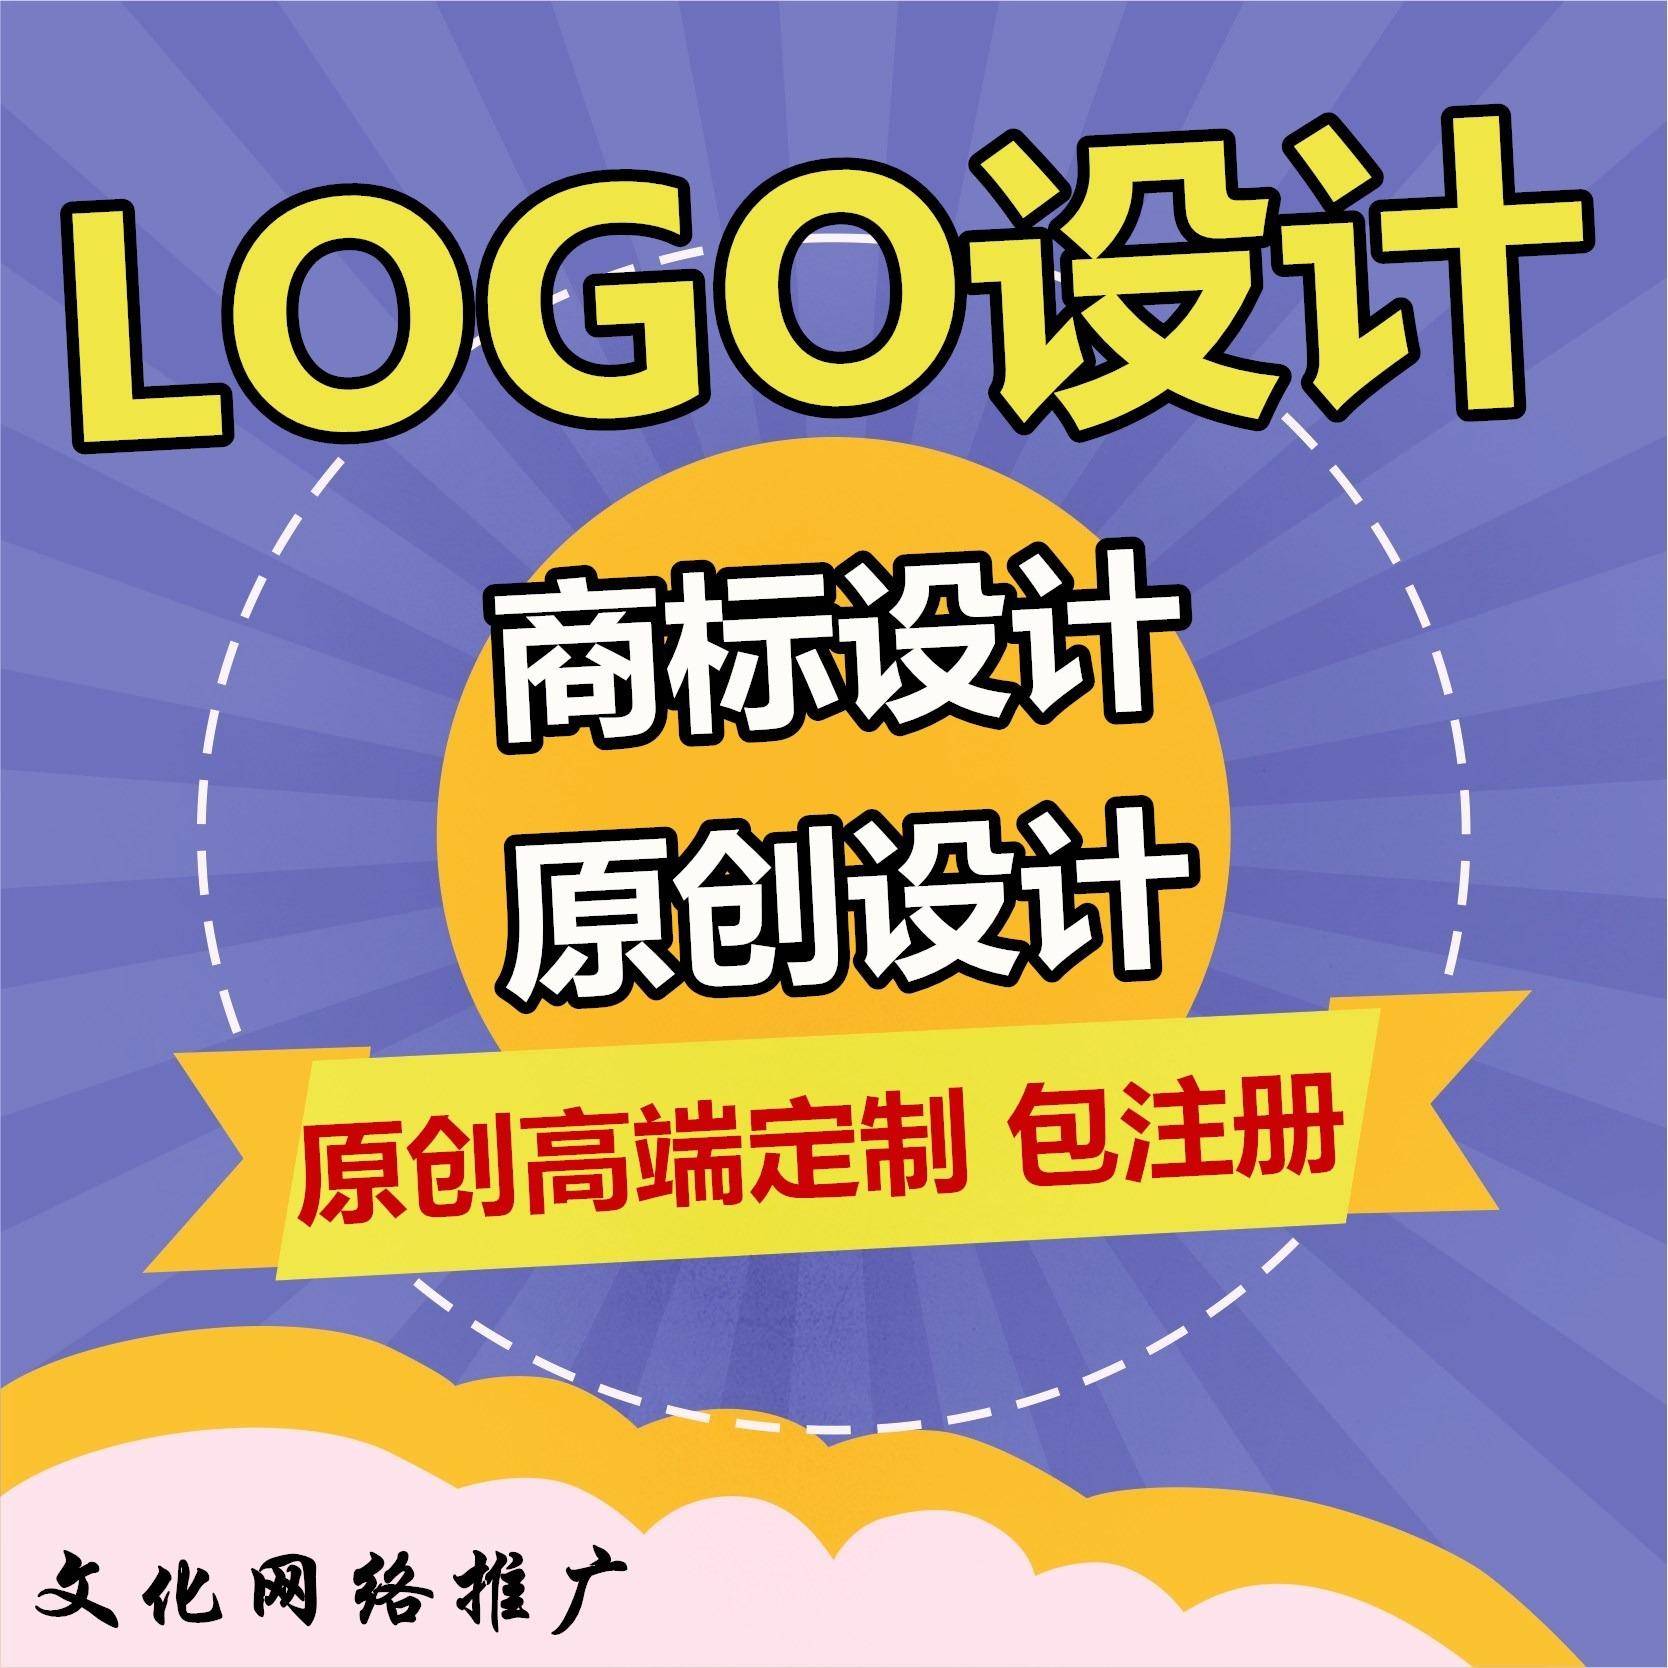 logo设计 商标设计制作公司徽标店标头像原创VI设计log